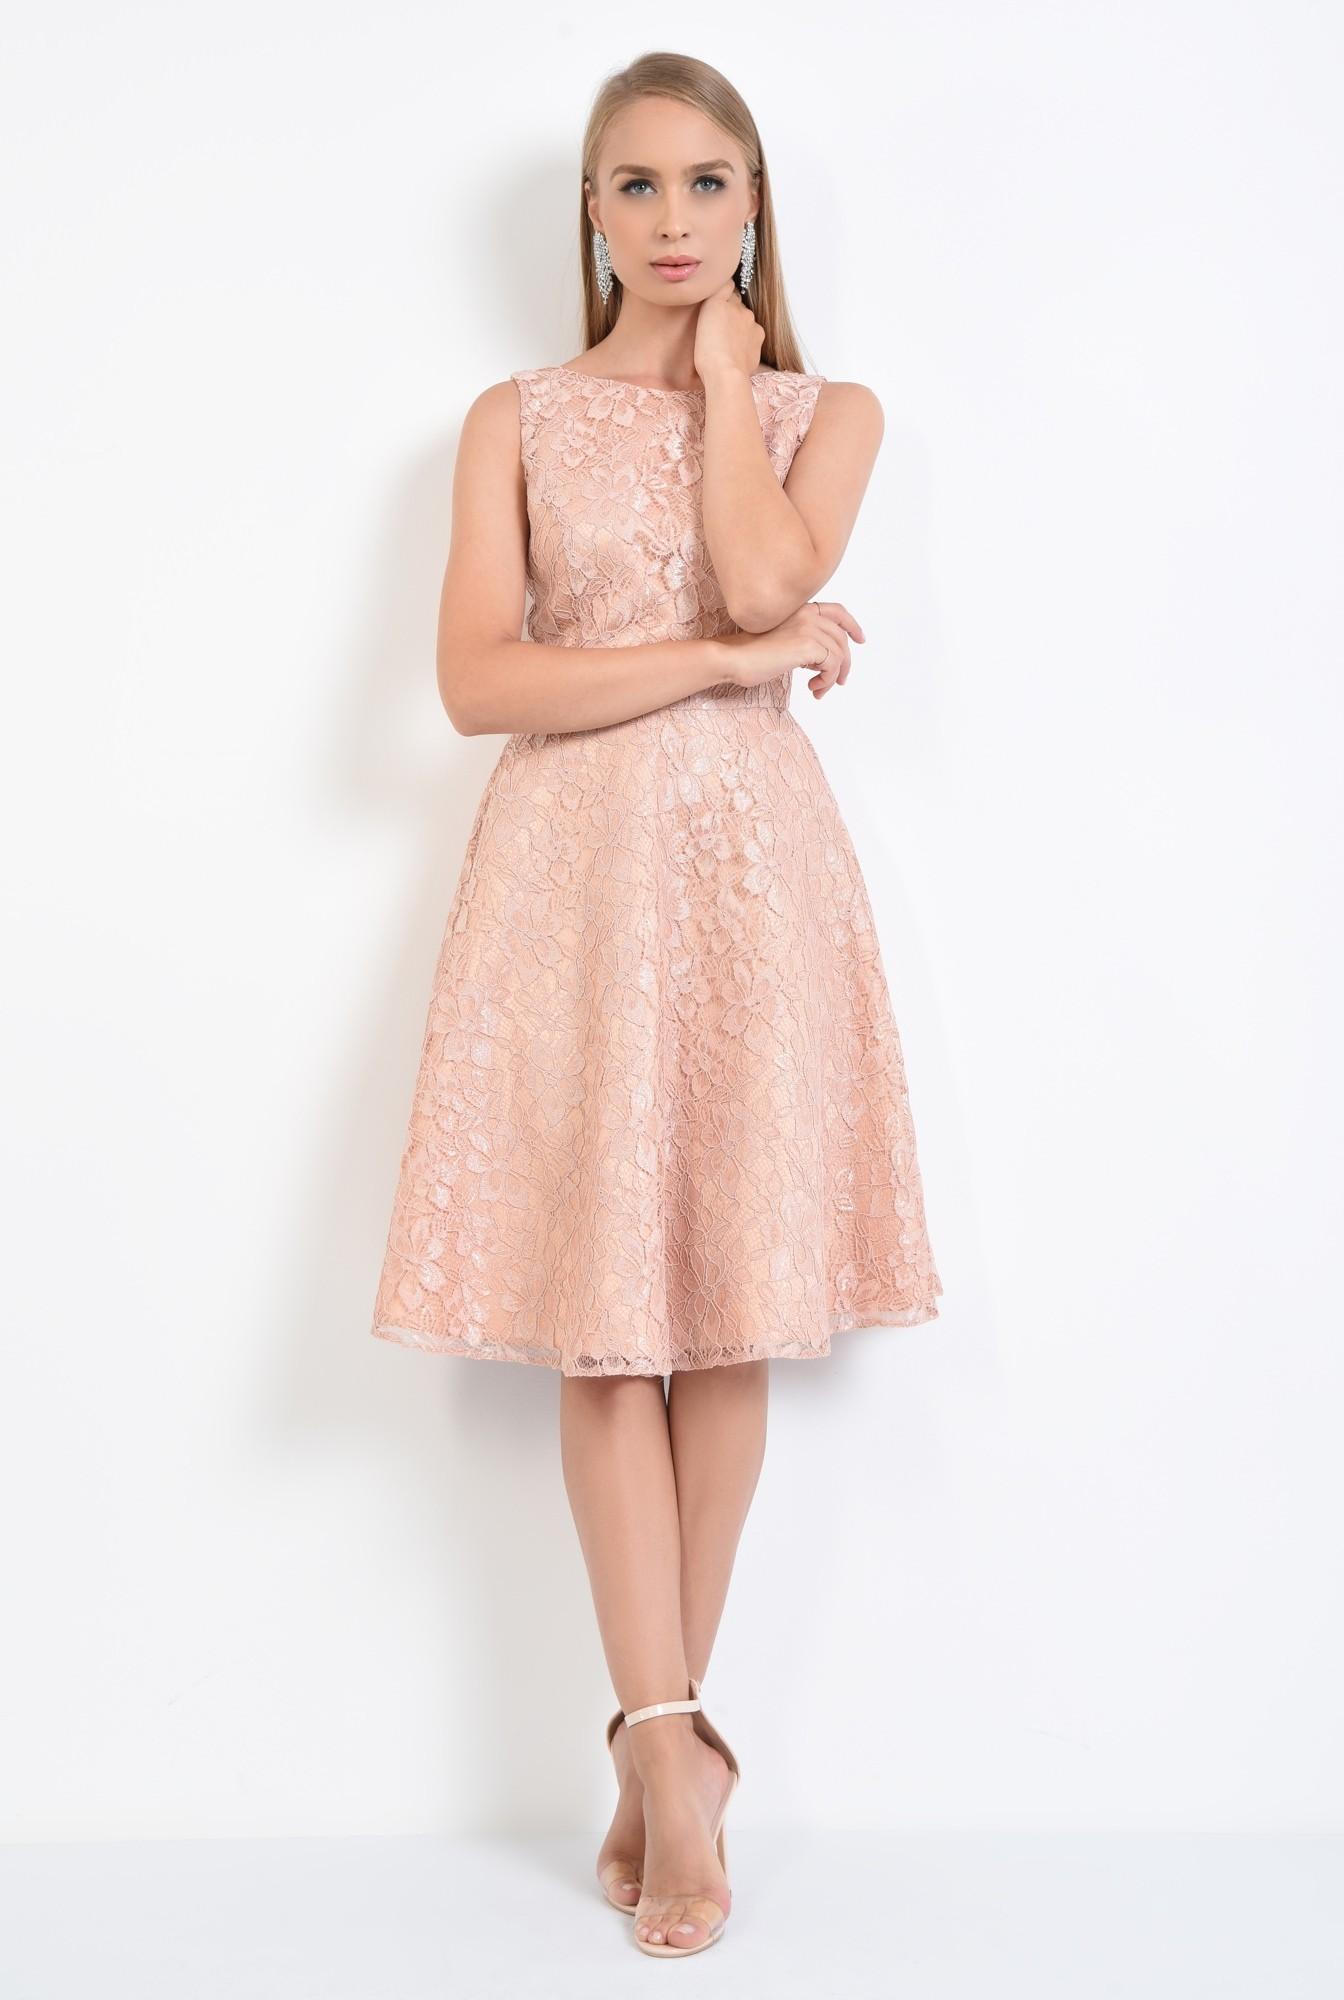 3 - rochie eleganta, peach, spate decoltat, decolteu barcuta